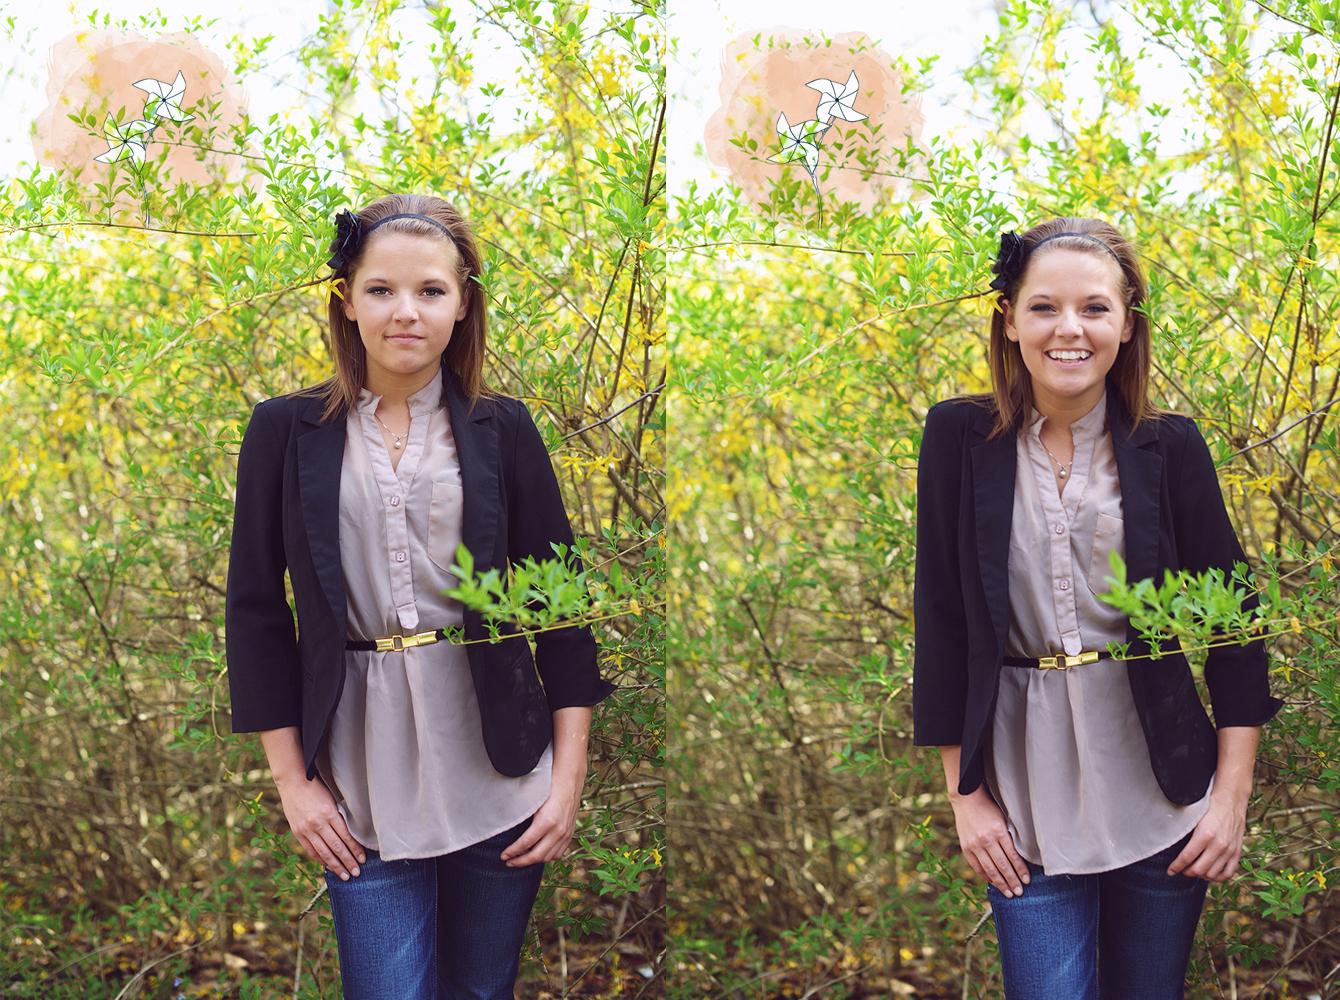 SeniorPhotographerWarsaw25.jpg